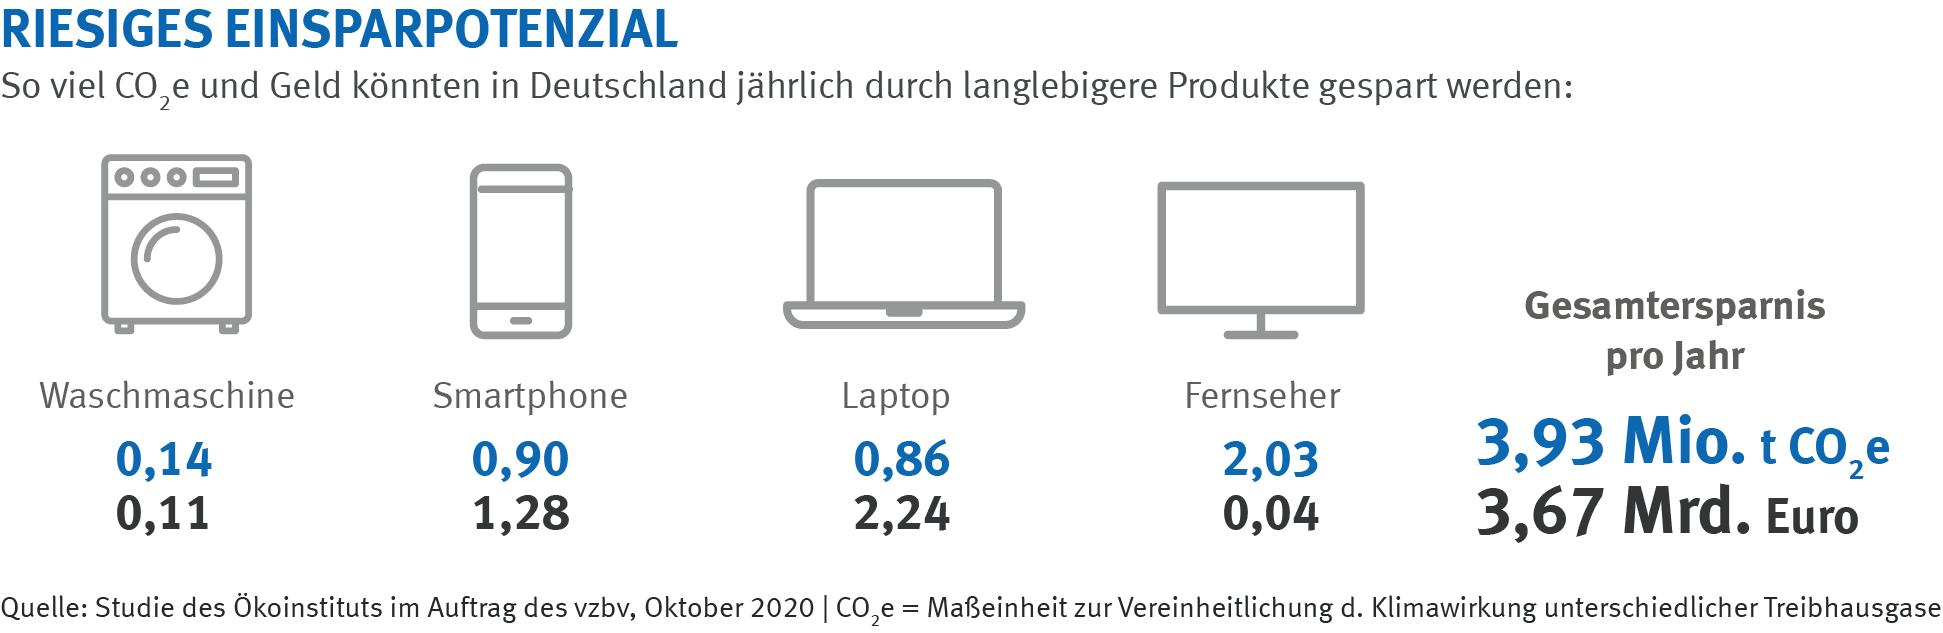 Riesiges Einsparpotenzial: So viel CO²e und Geld könnten in Deutschland jährlich durch langlebigere Produkte gespart werden | Infografik des vzbv | November 2020